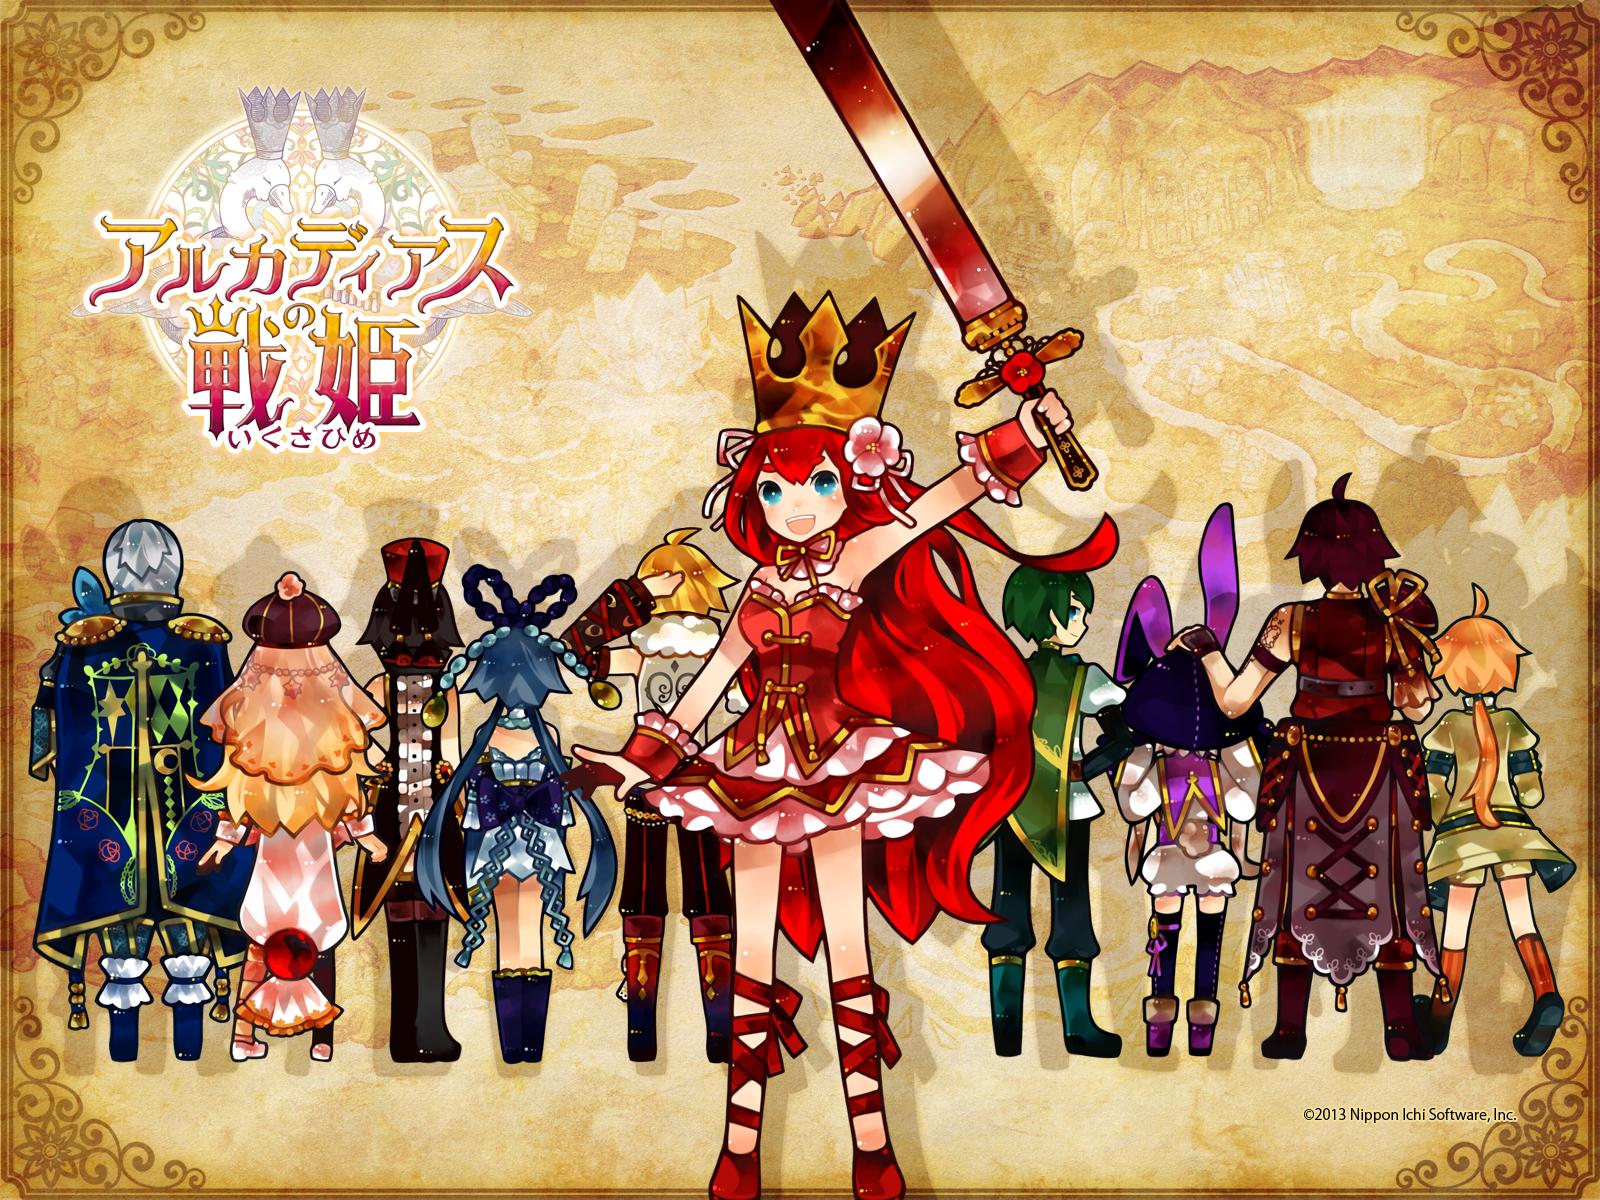 壁紙02 1600x1200 1920x1080 1280x1024  アルカディアスの戦姫